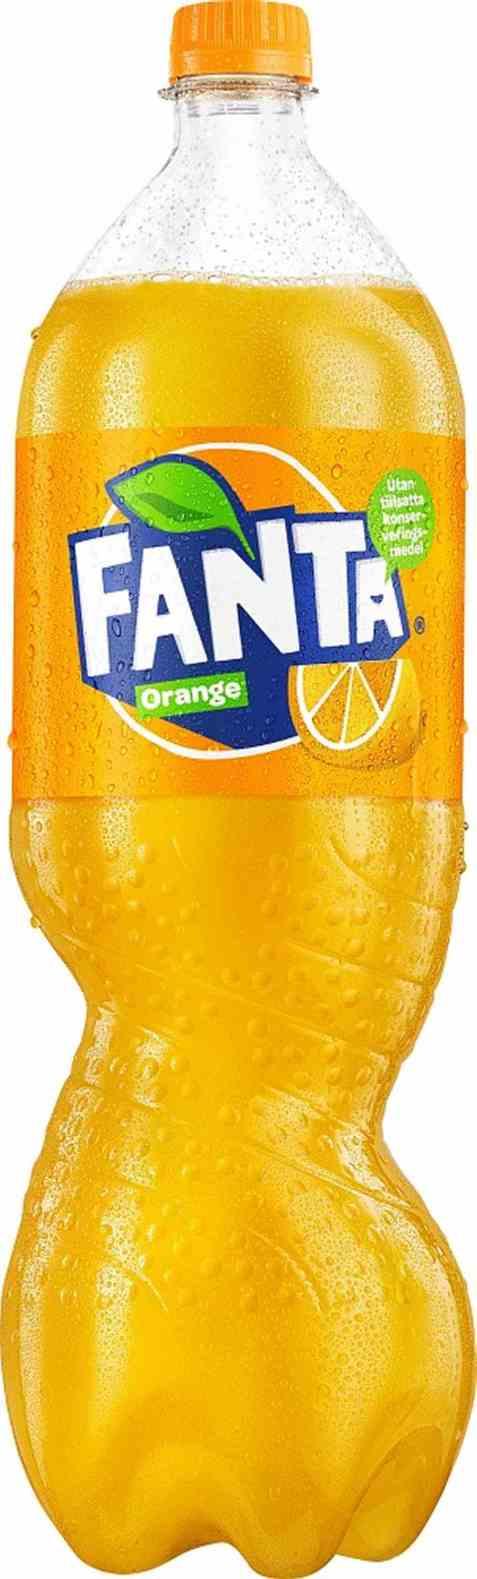 Bilde av Fanta Orange 1,5 liter.